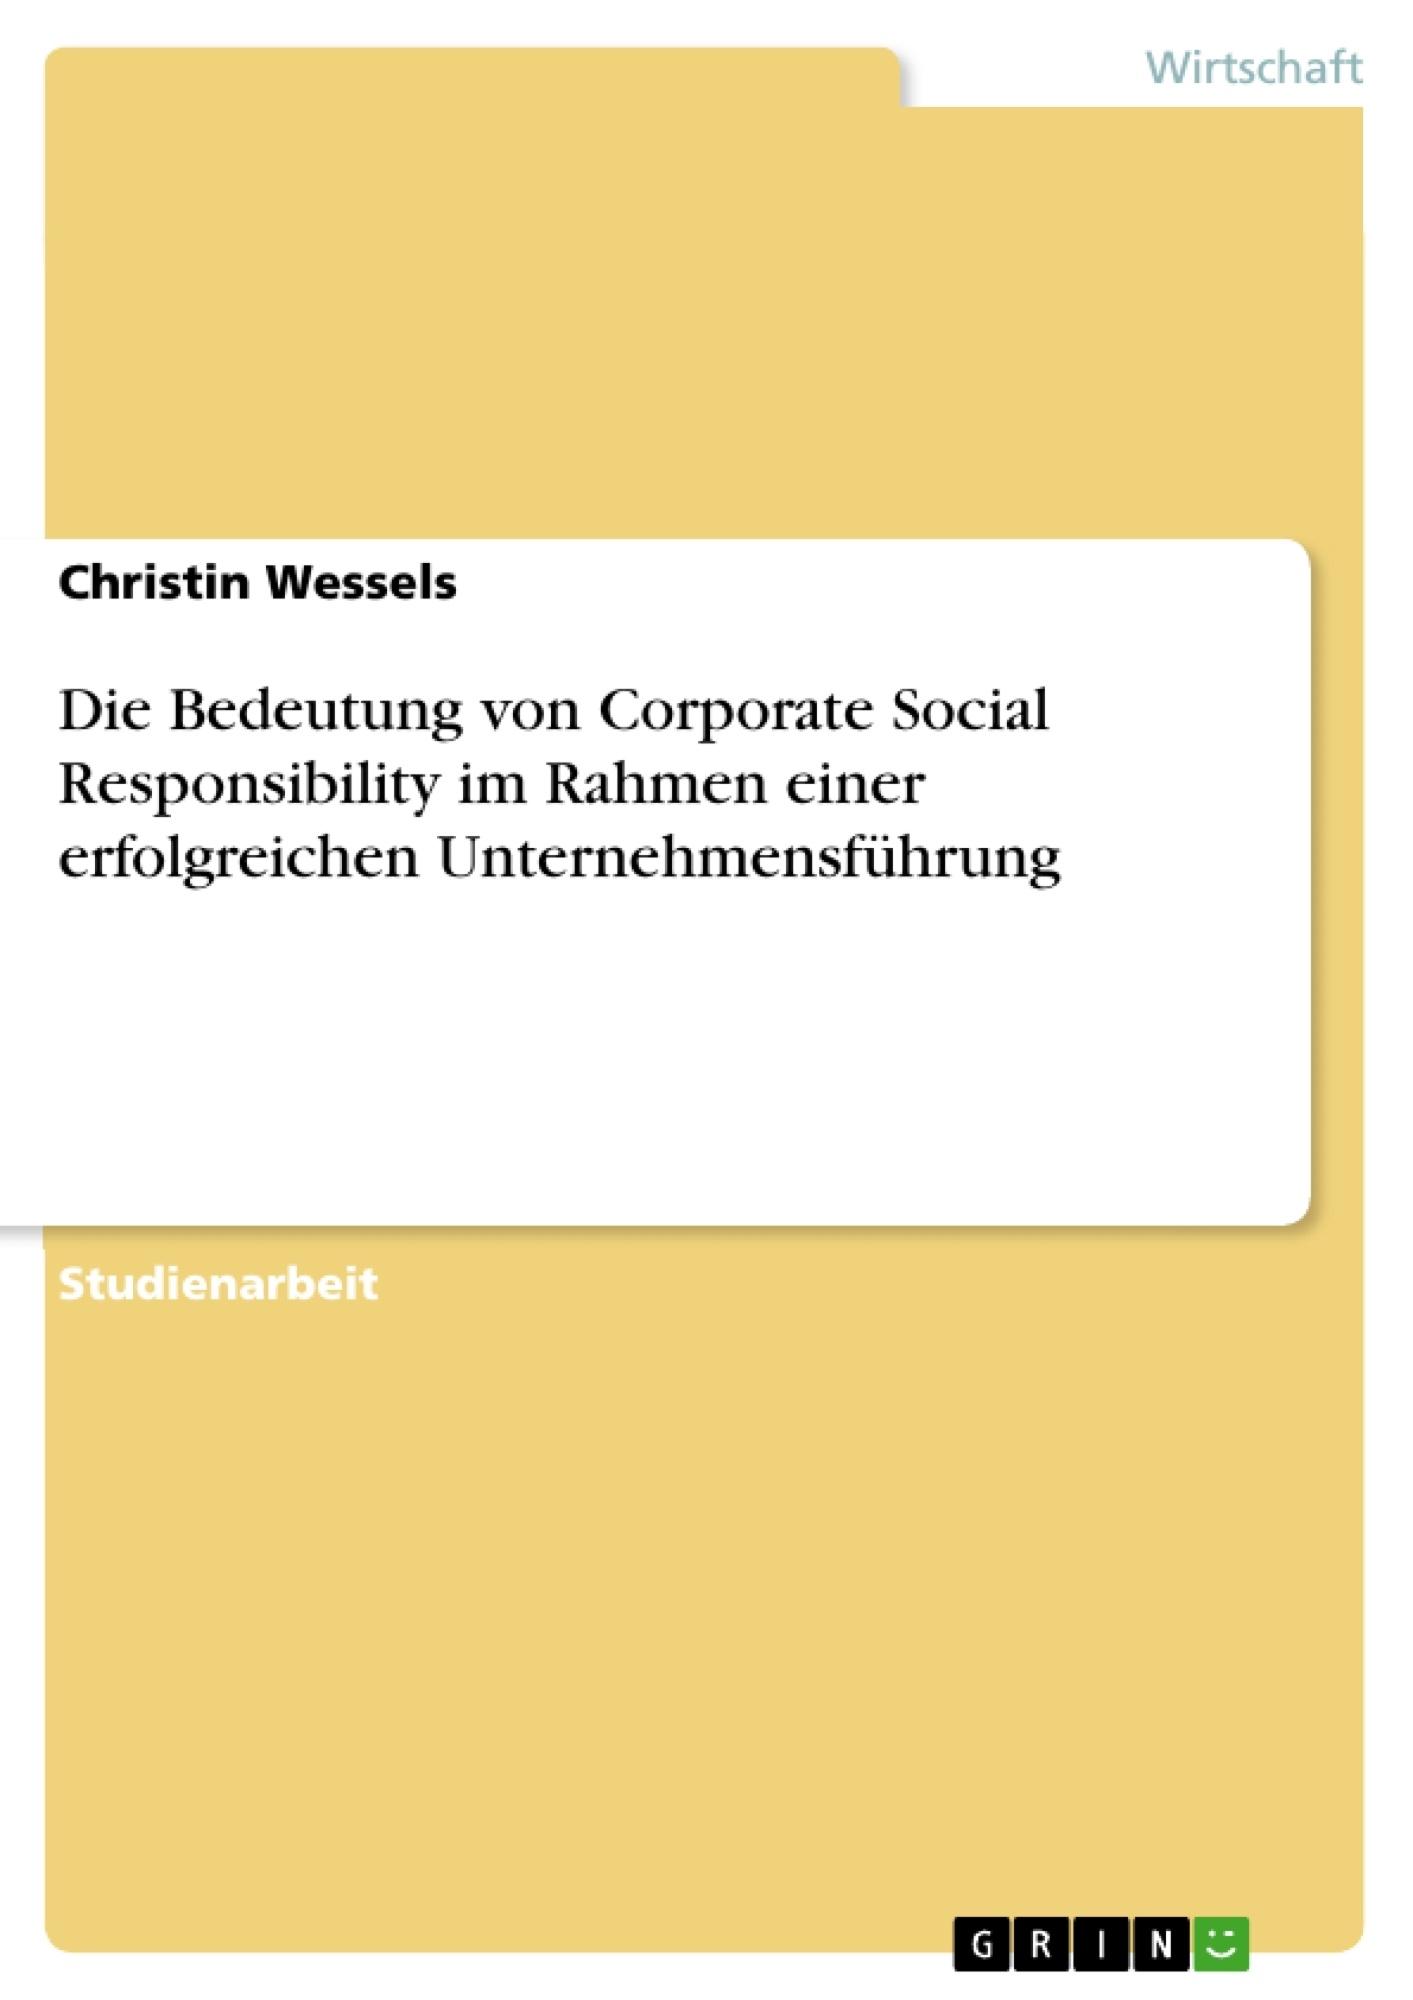 Titel: Die Bedeutung von Corporate Social Responsibility im Rahmen einer erfolgreichen Unternehmensführung